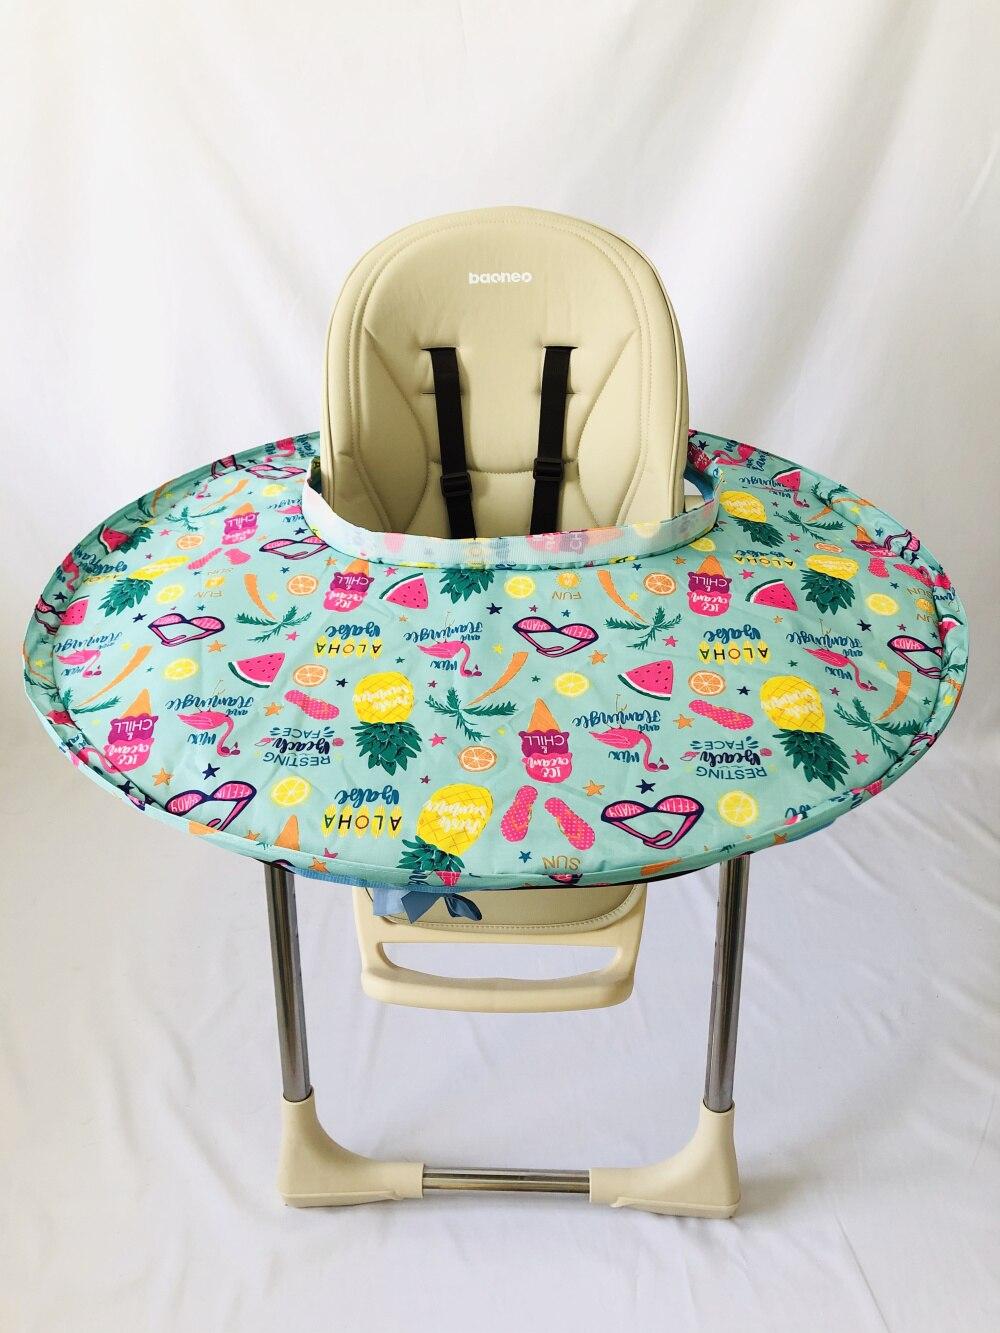 1 комплект-детское обеденное кресло с блюдцем Манхэттенский чехол для стульев и халаты для еды для младенцев и малышей